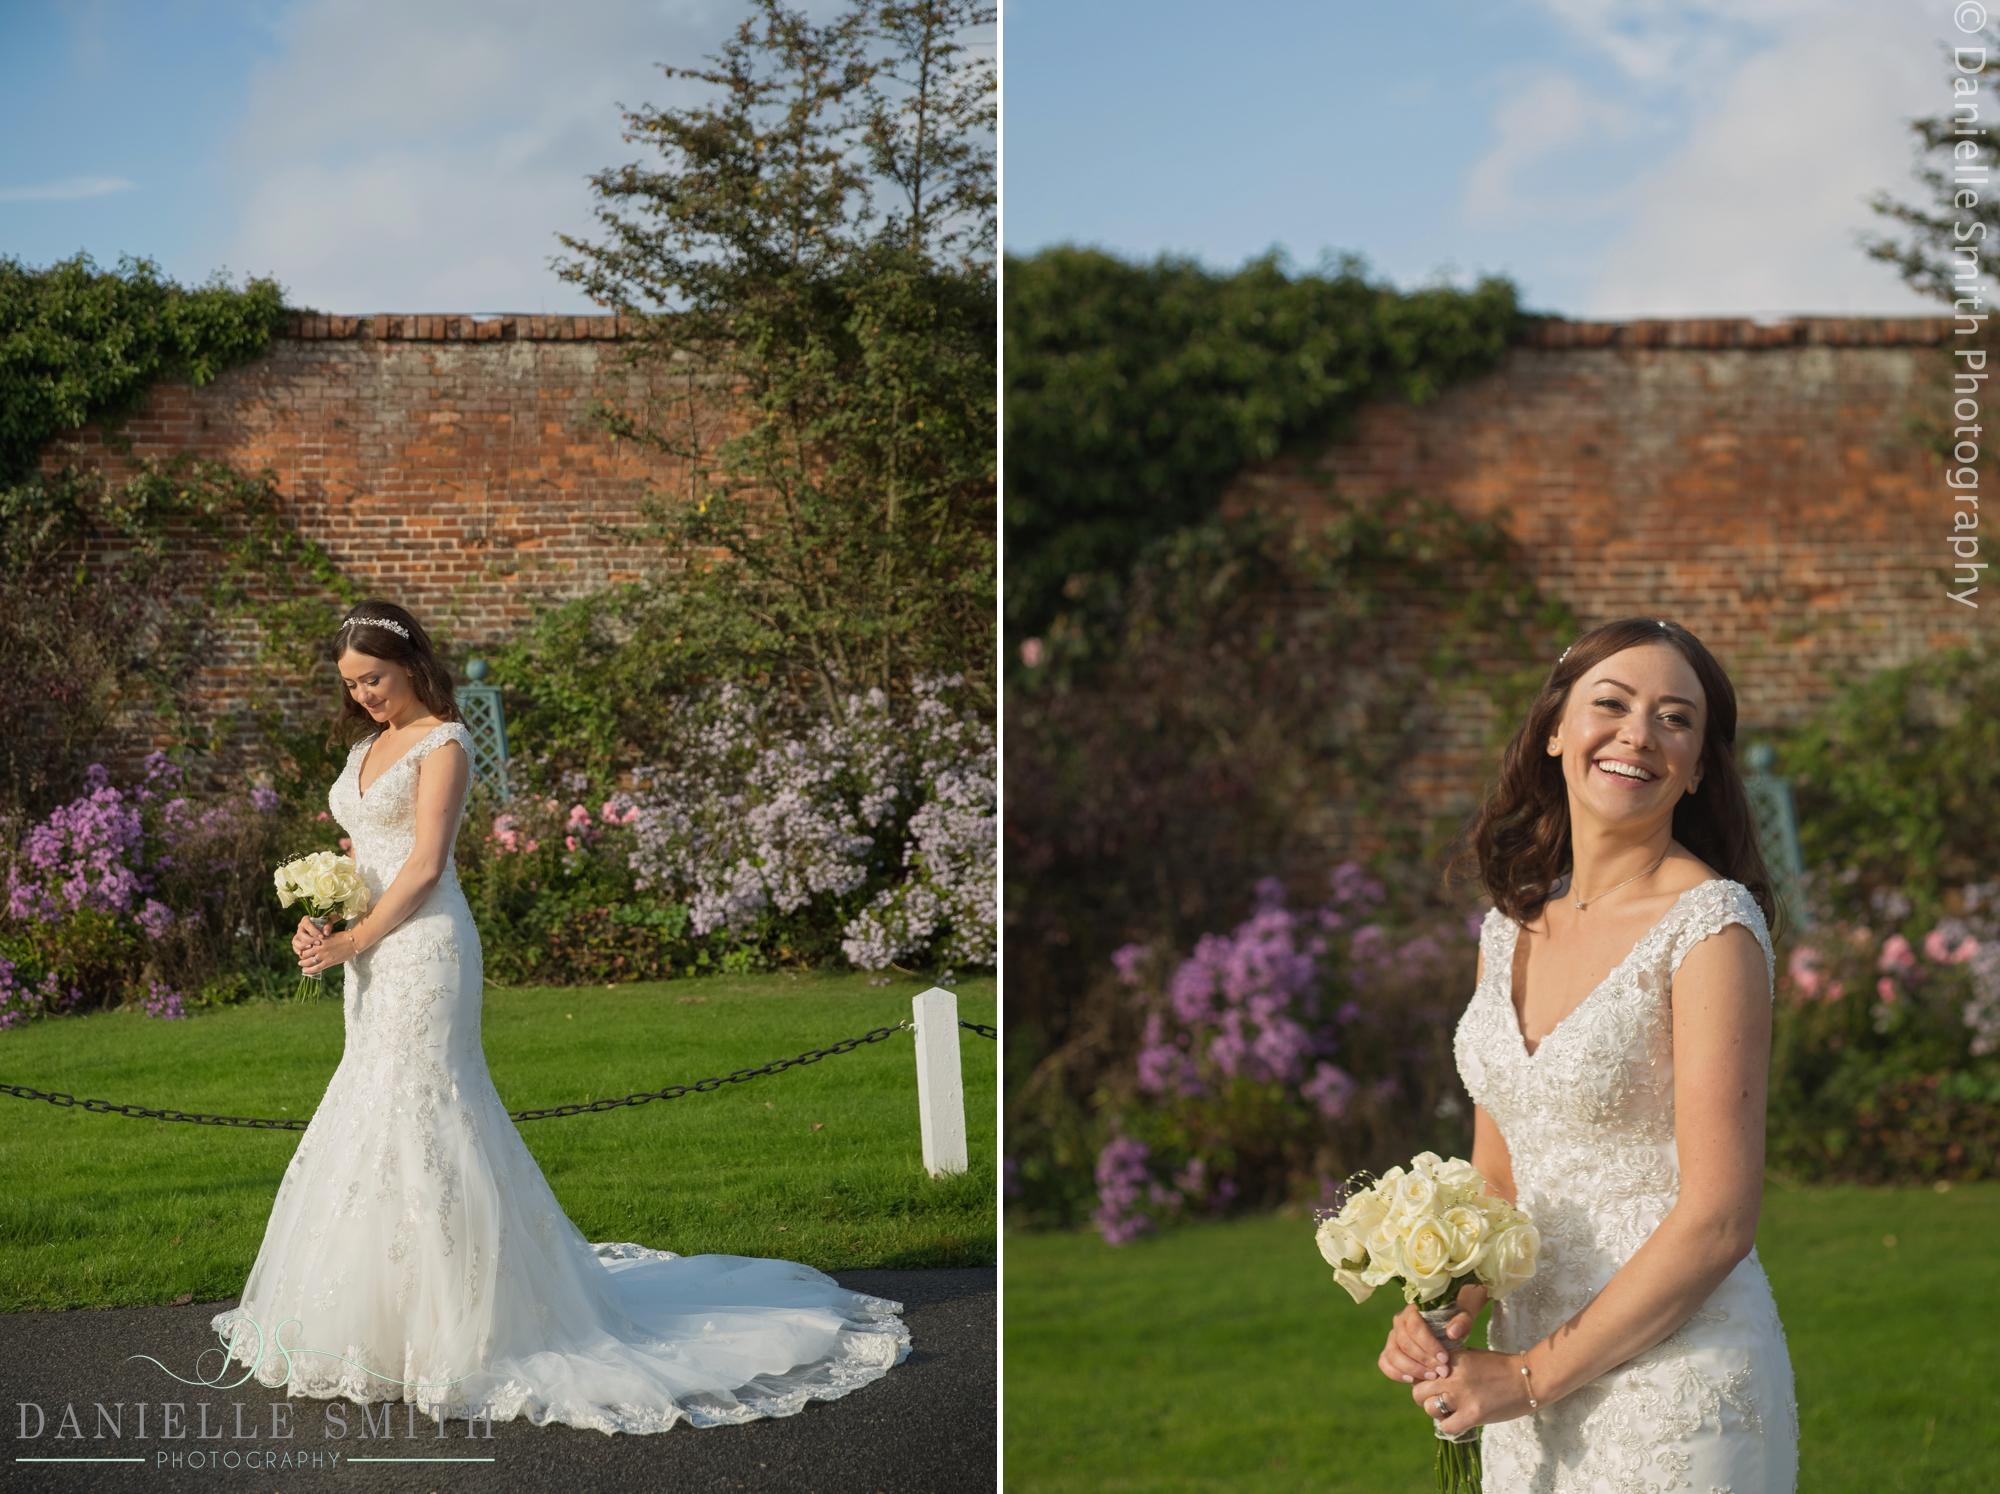 bride in her stunning wedding dress